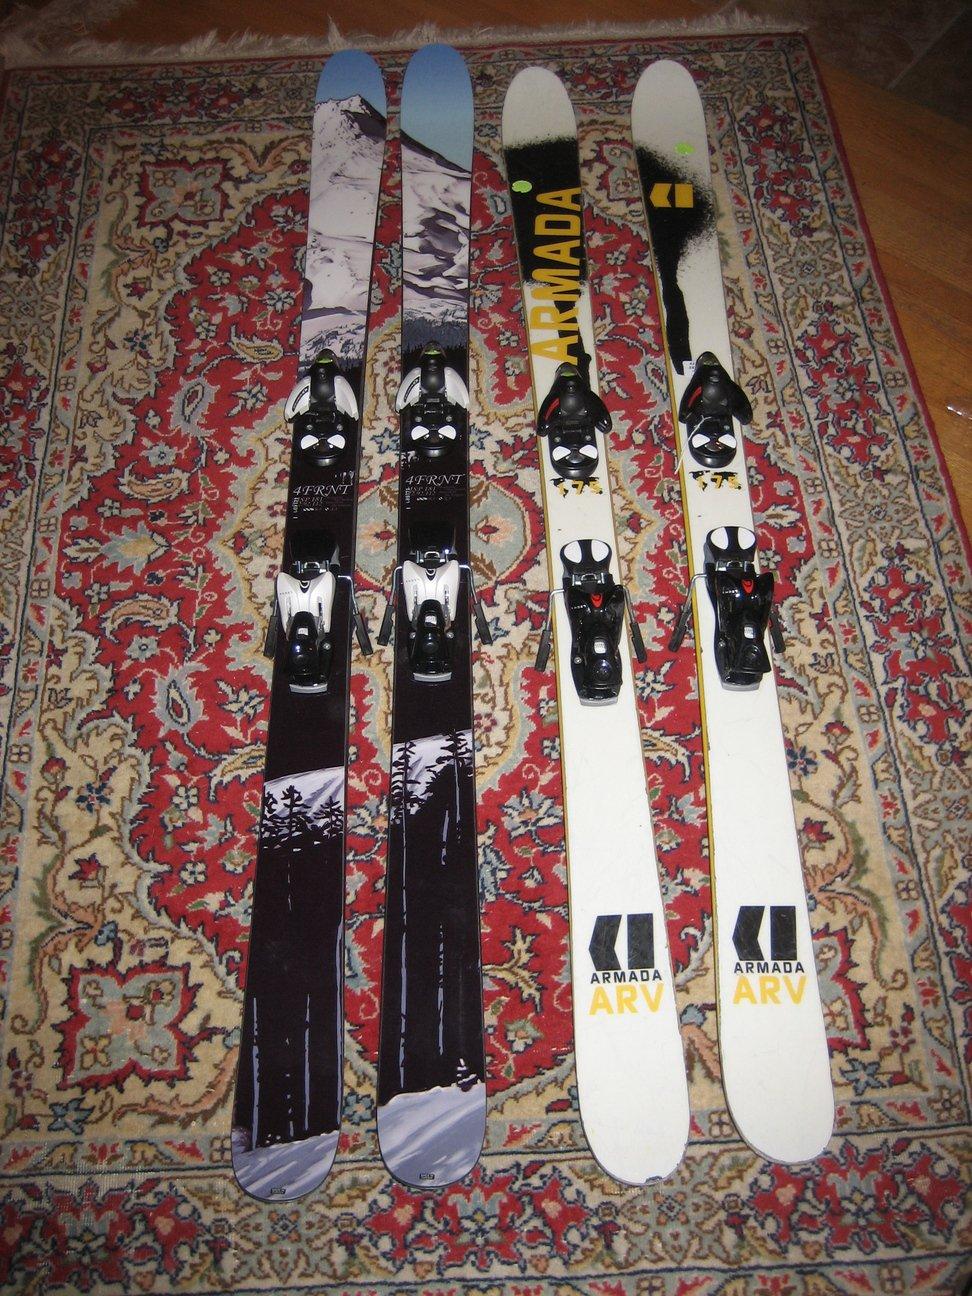 New vs. Old Skis